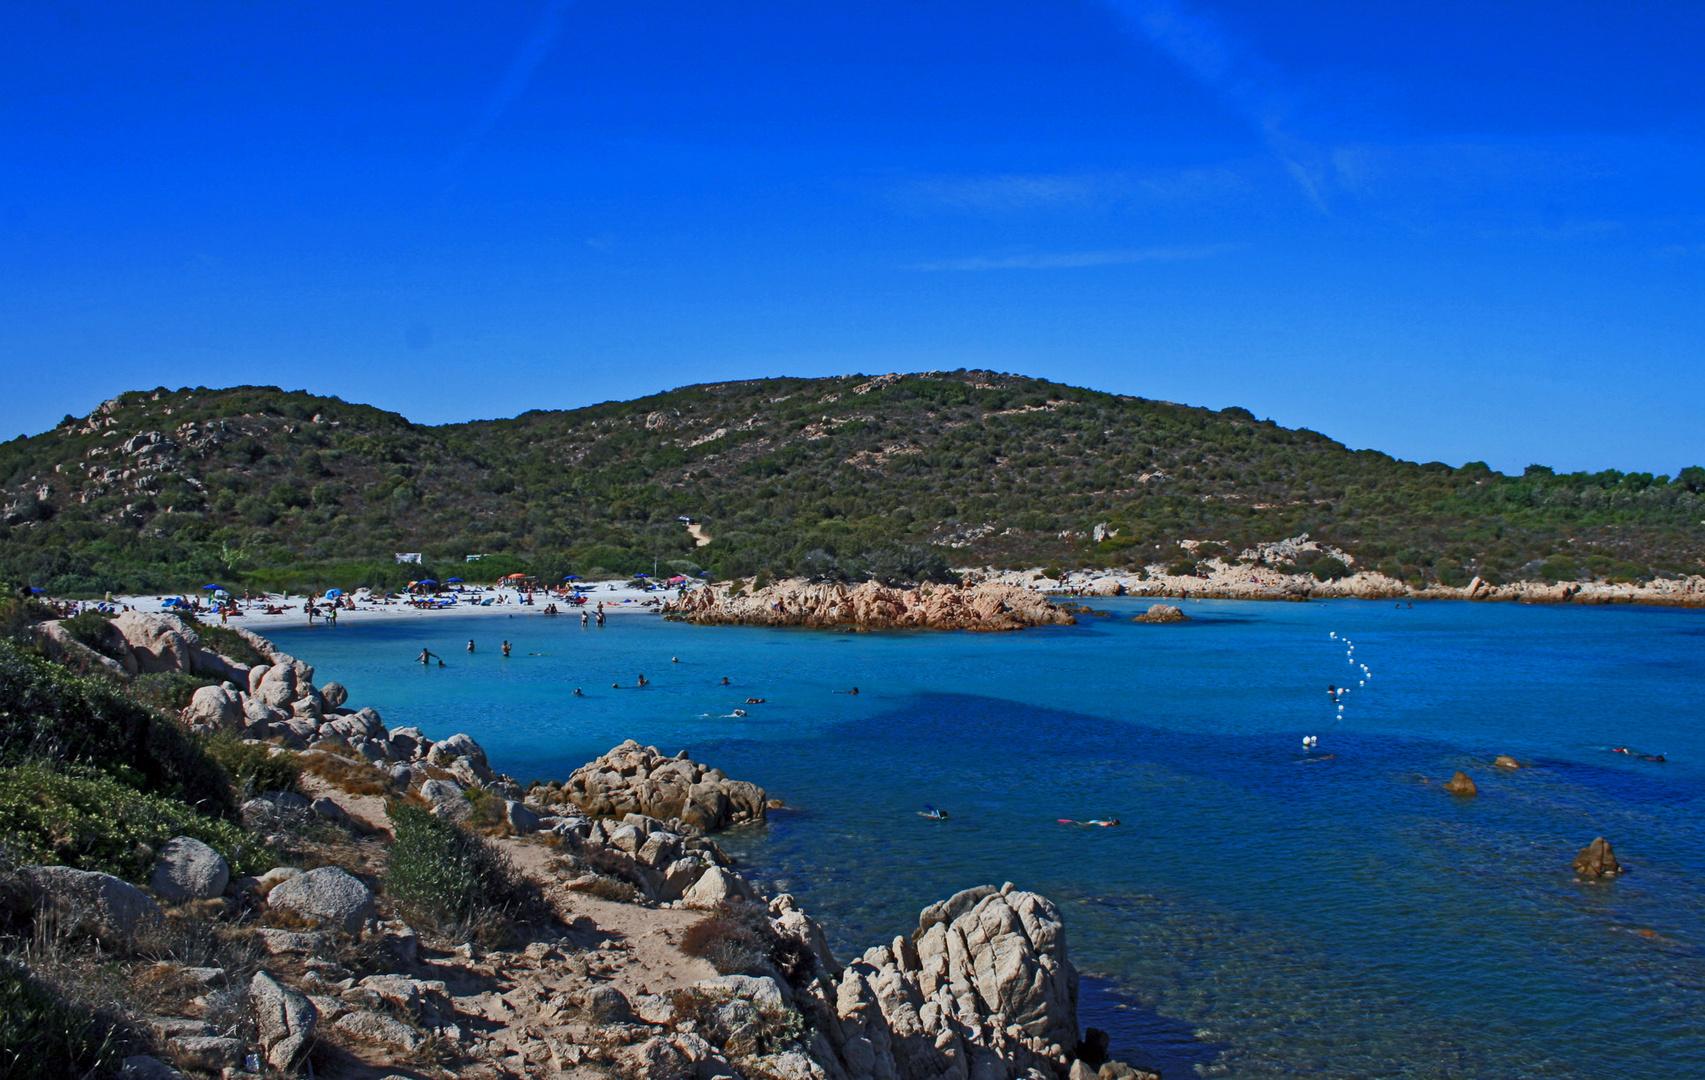 ....Nostalgia 6 .........splendida Sardegna...un caro saluto a Marisa!!!!